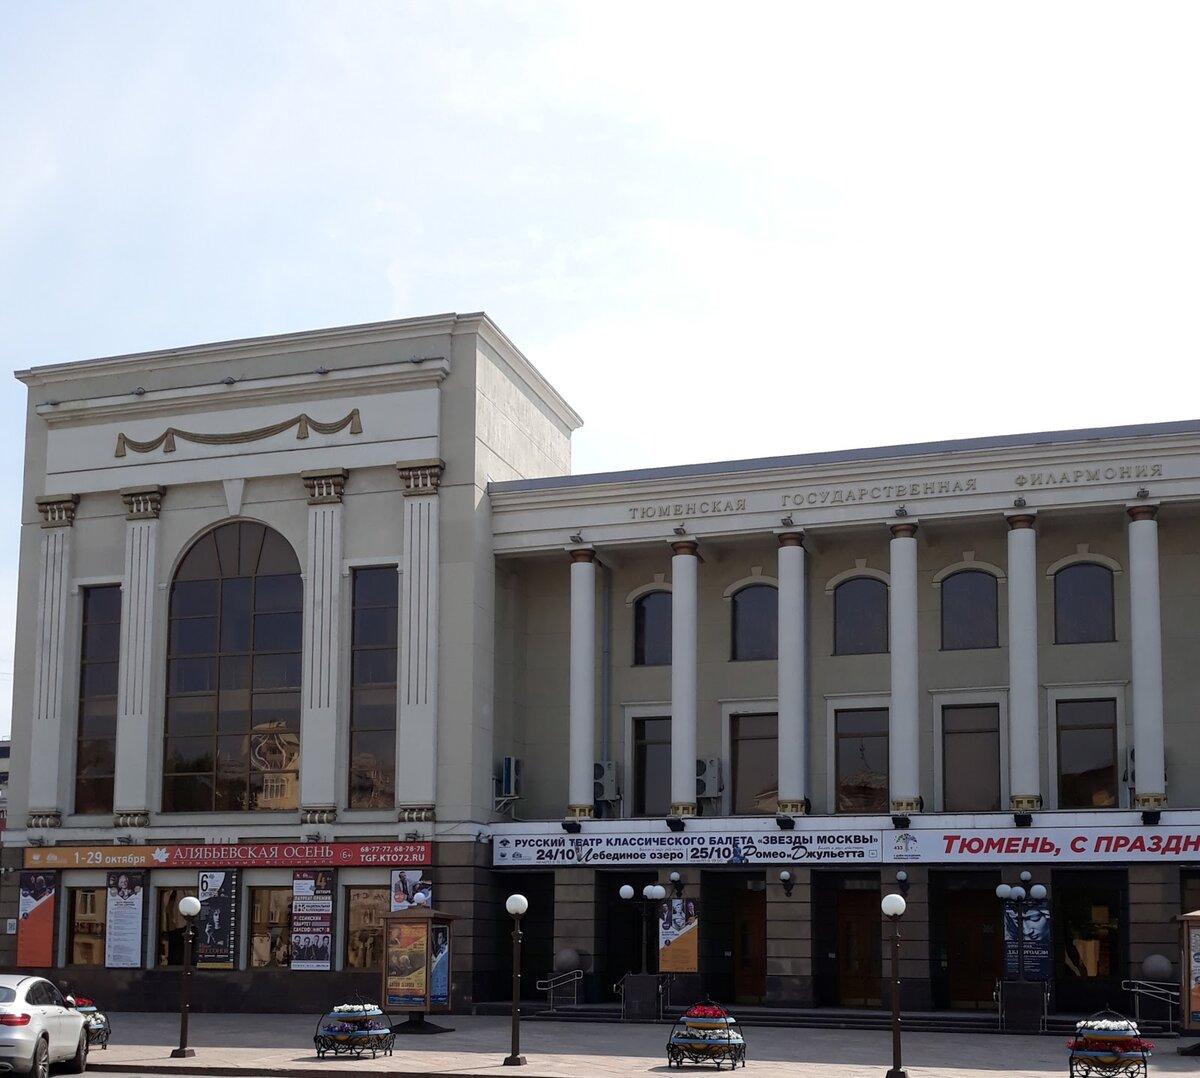 Здание Тюменской государственной филармонии.